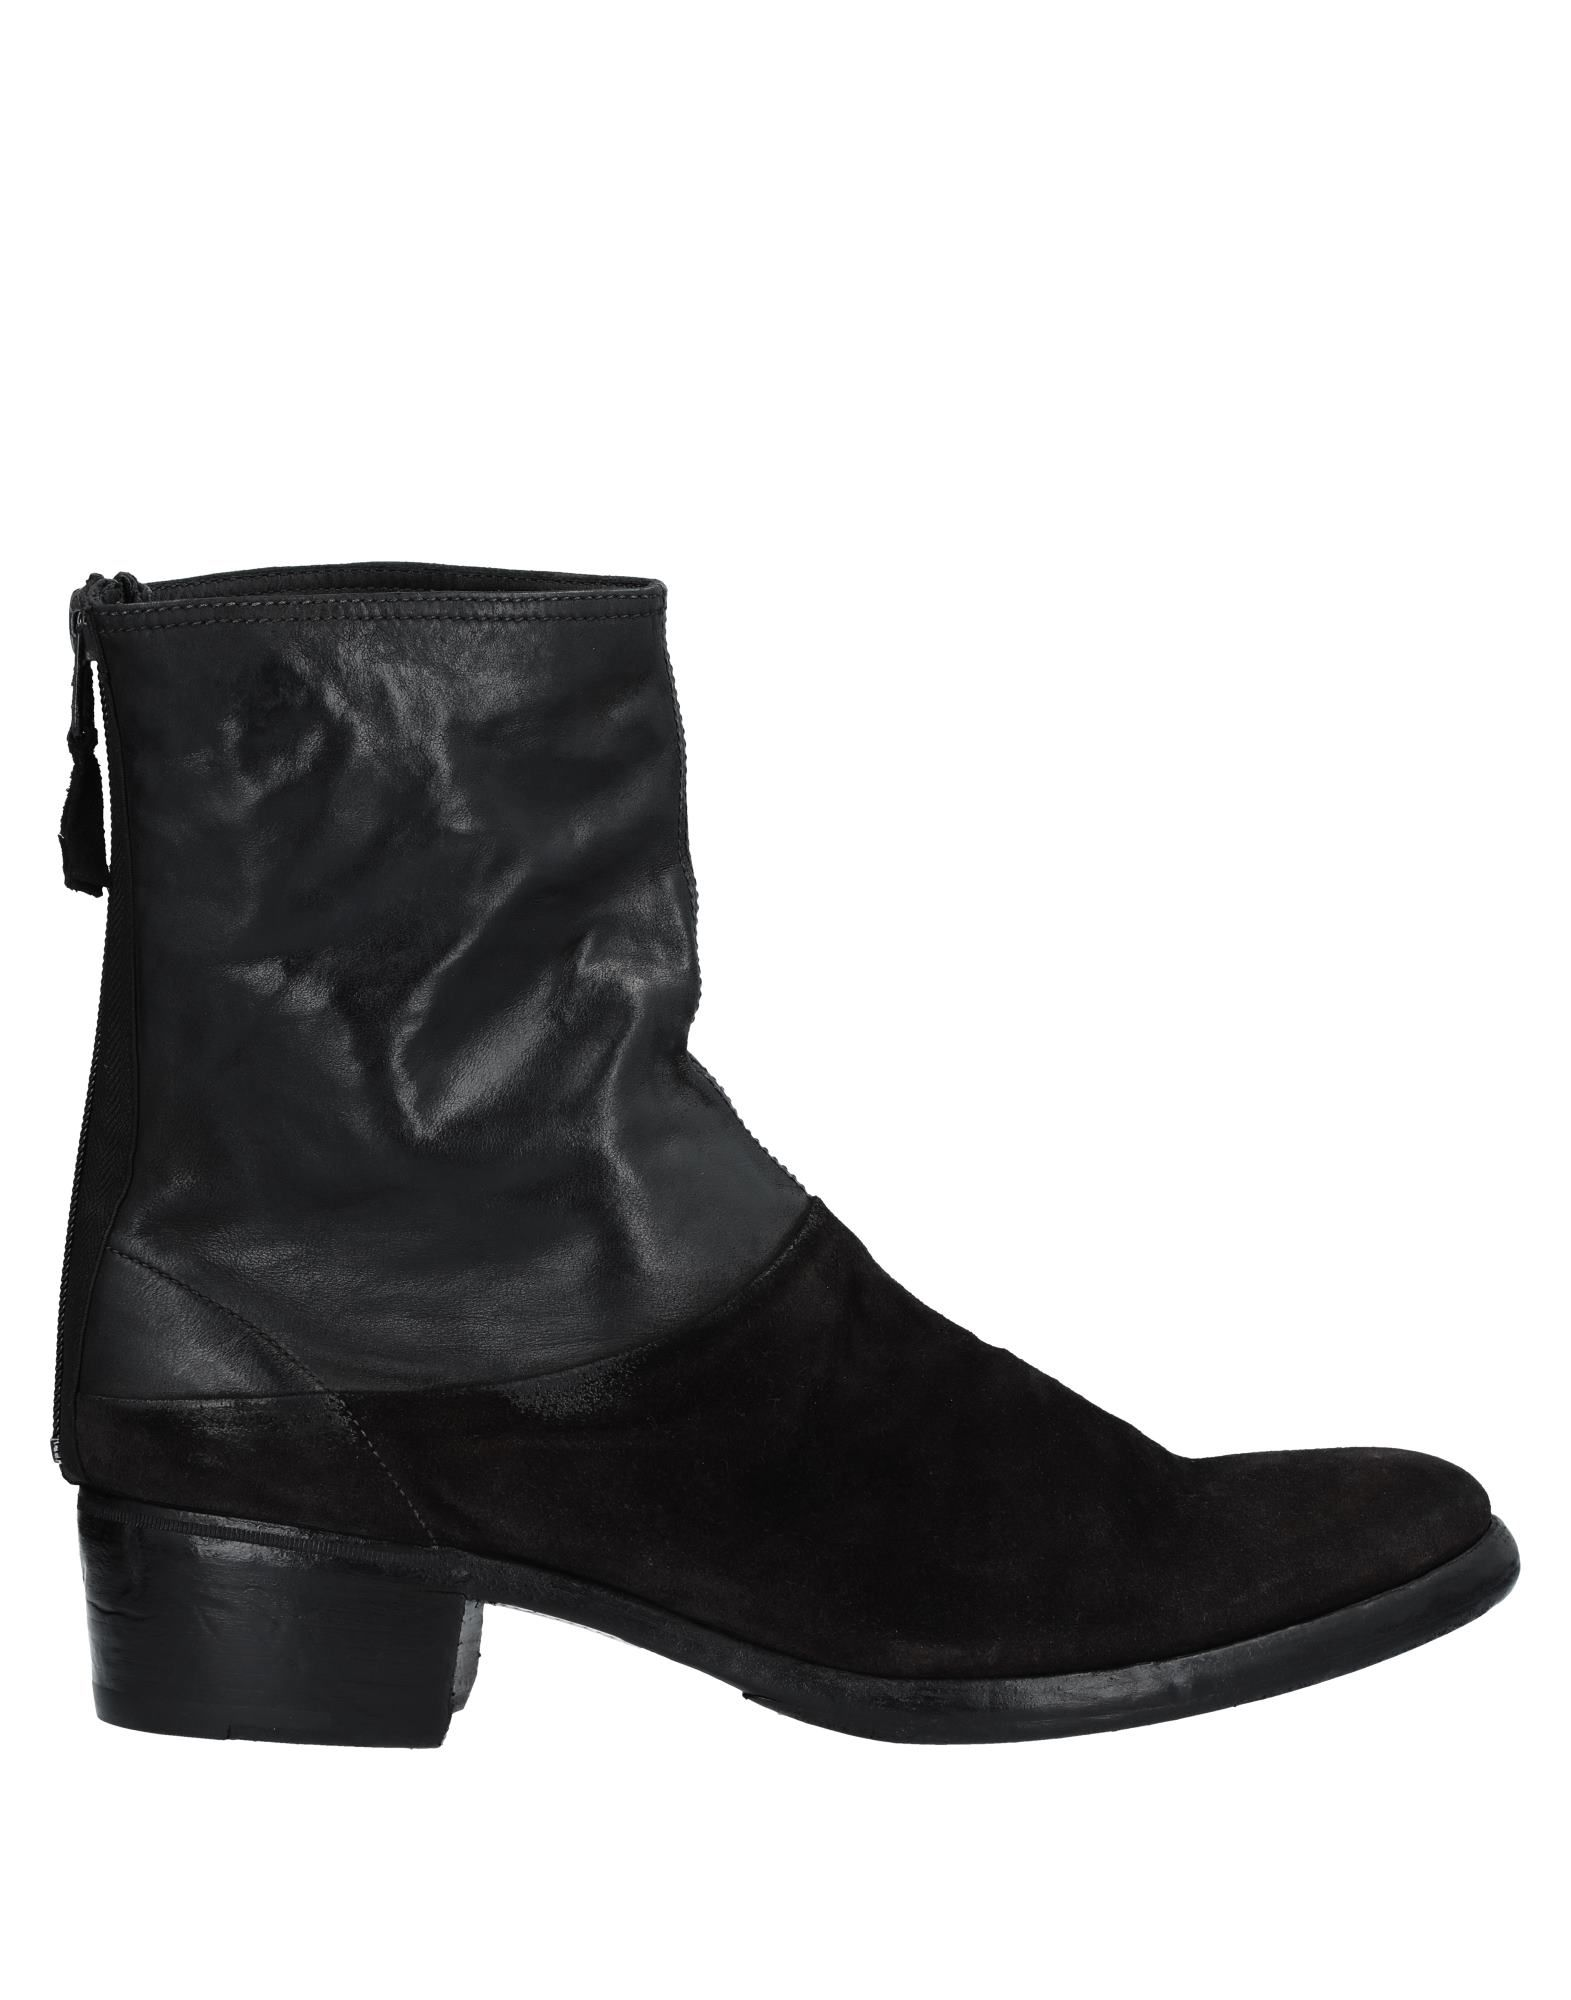 Premiata Stiefelette Herren  11530622UI Gute Qualität beliebte Schuhe